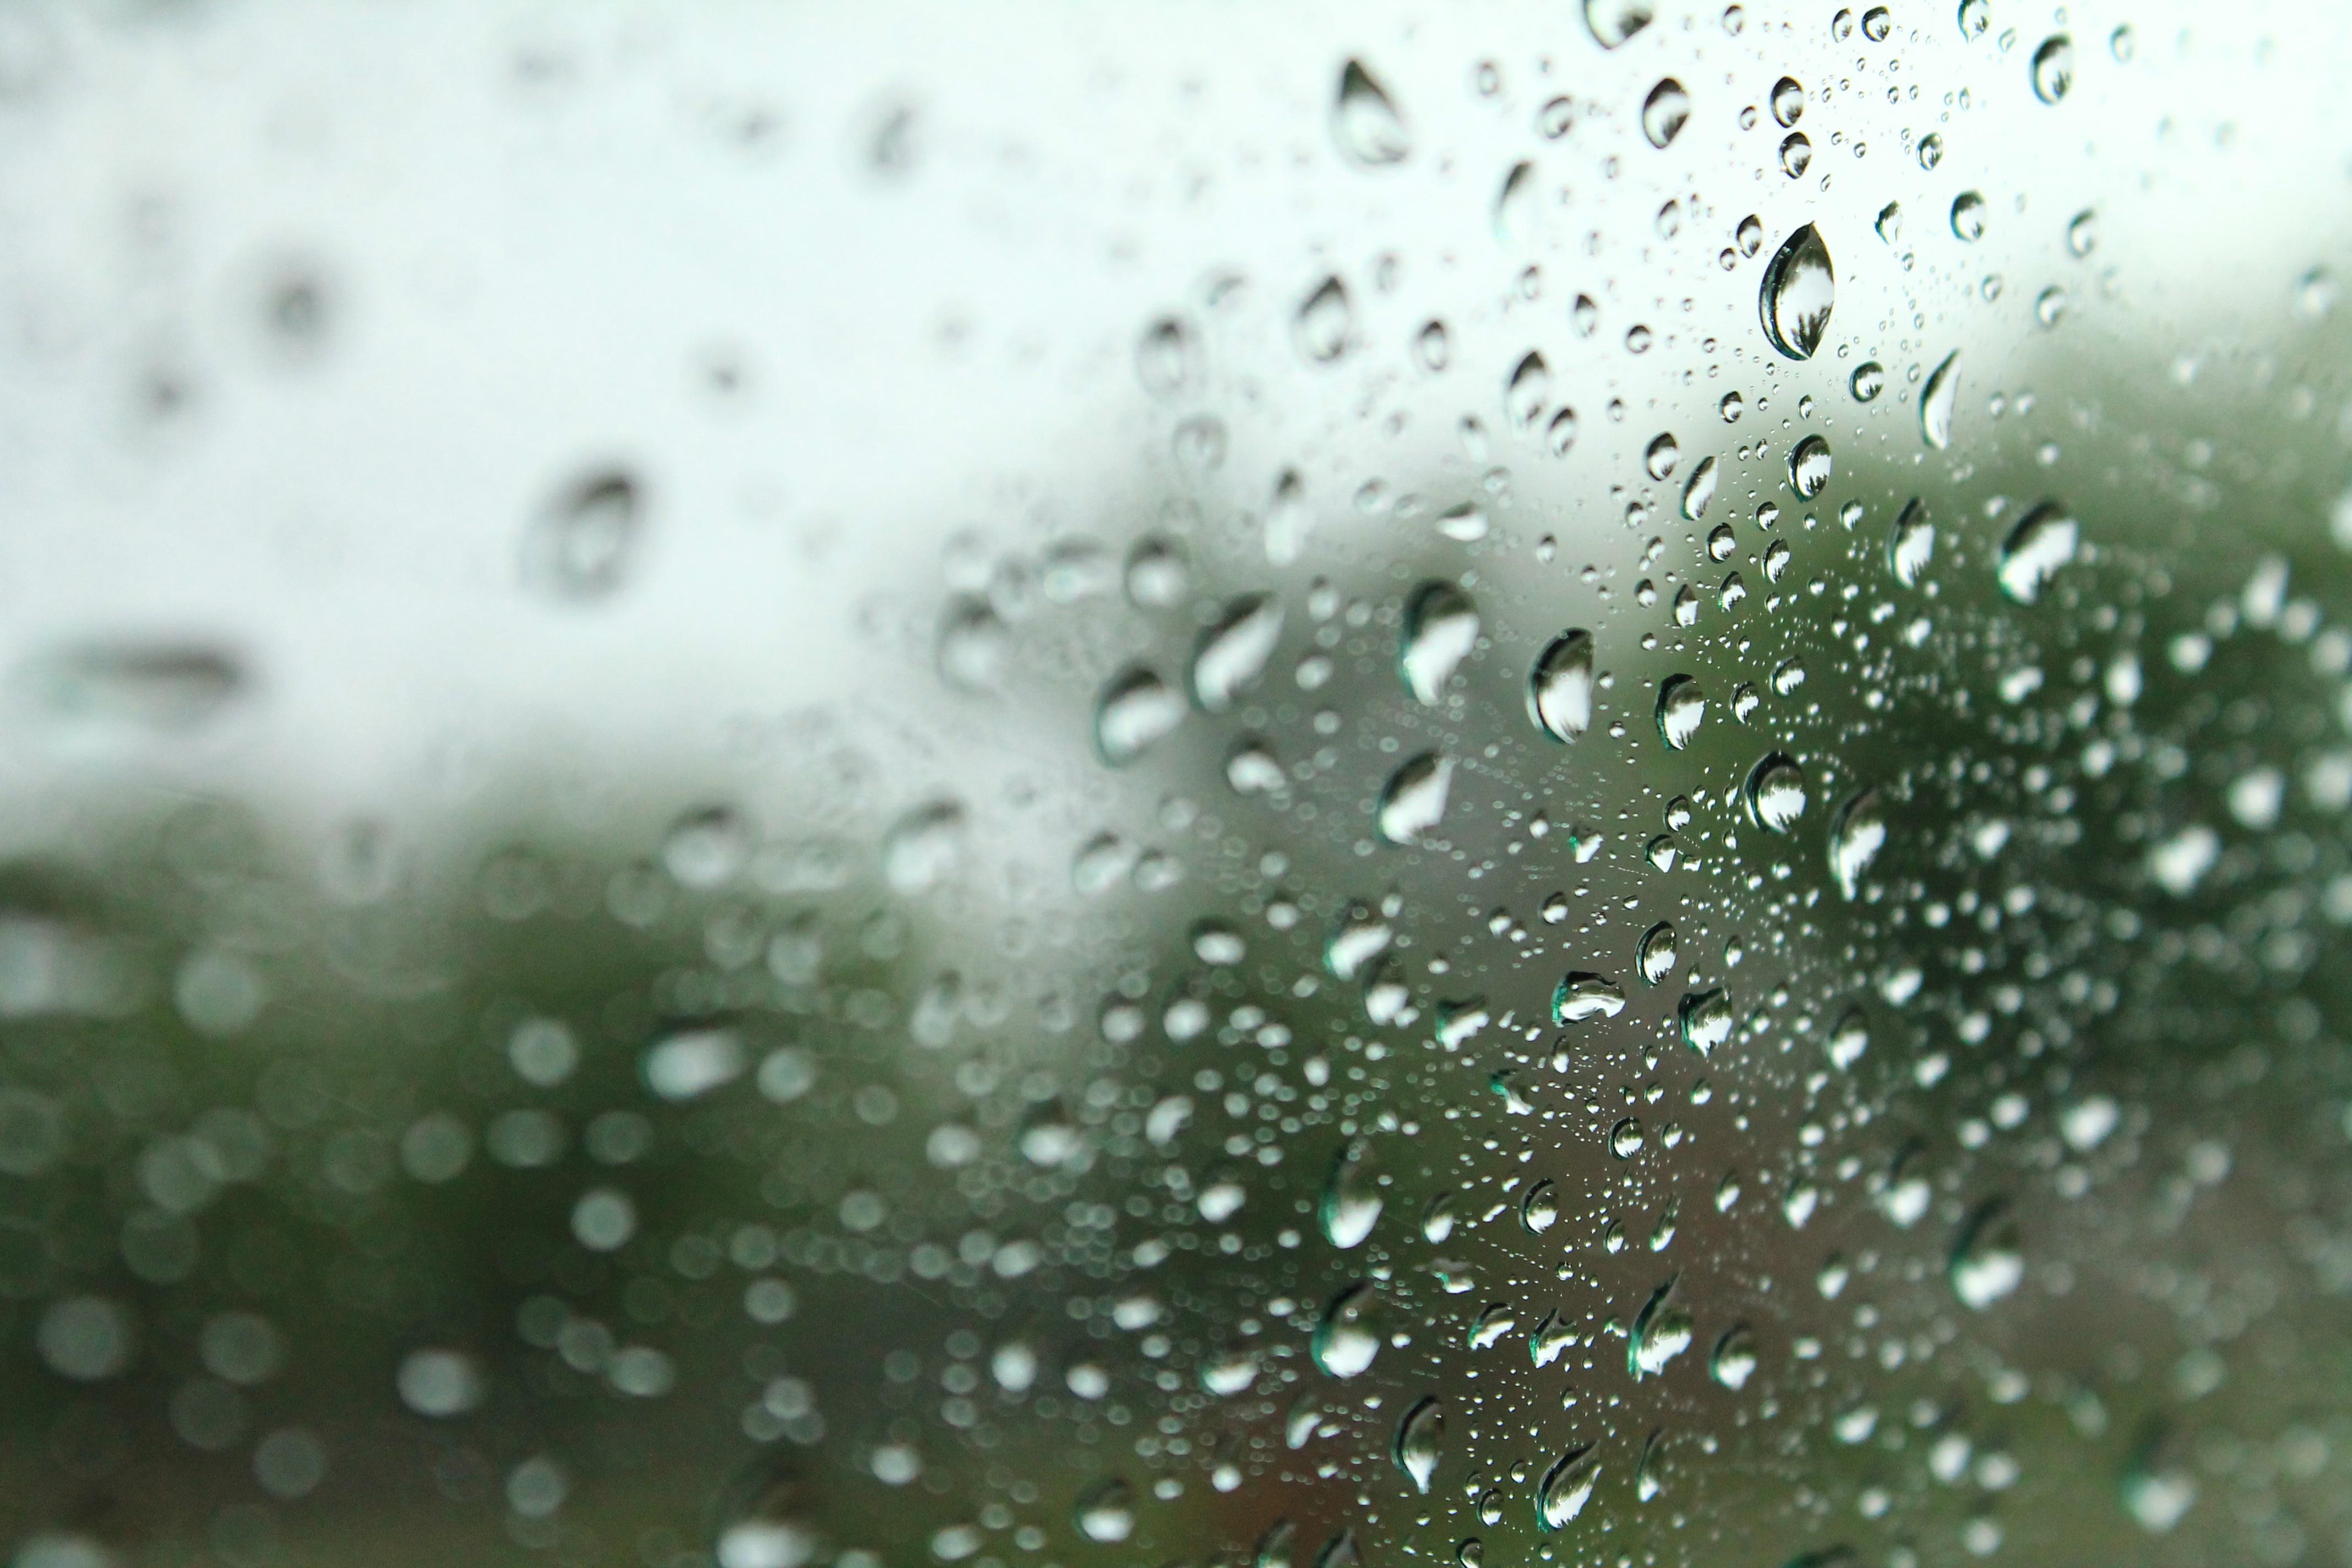 Gambar Air Salju Penurunan Hujan Daun Kaca Cuaca Merapatkan